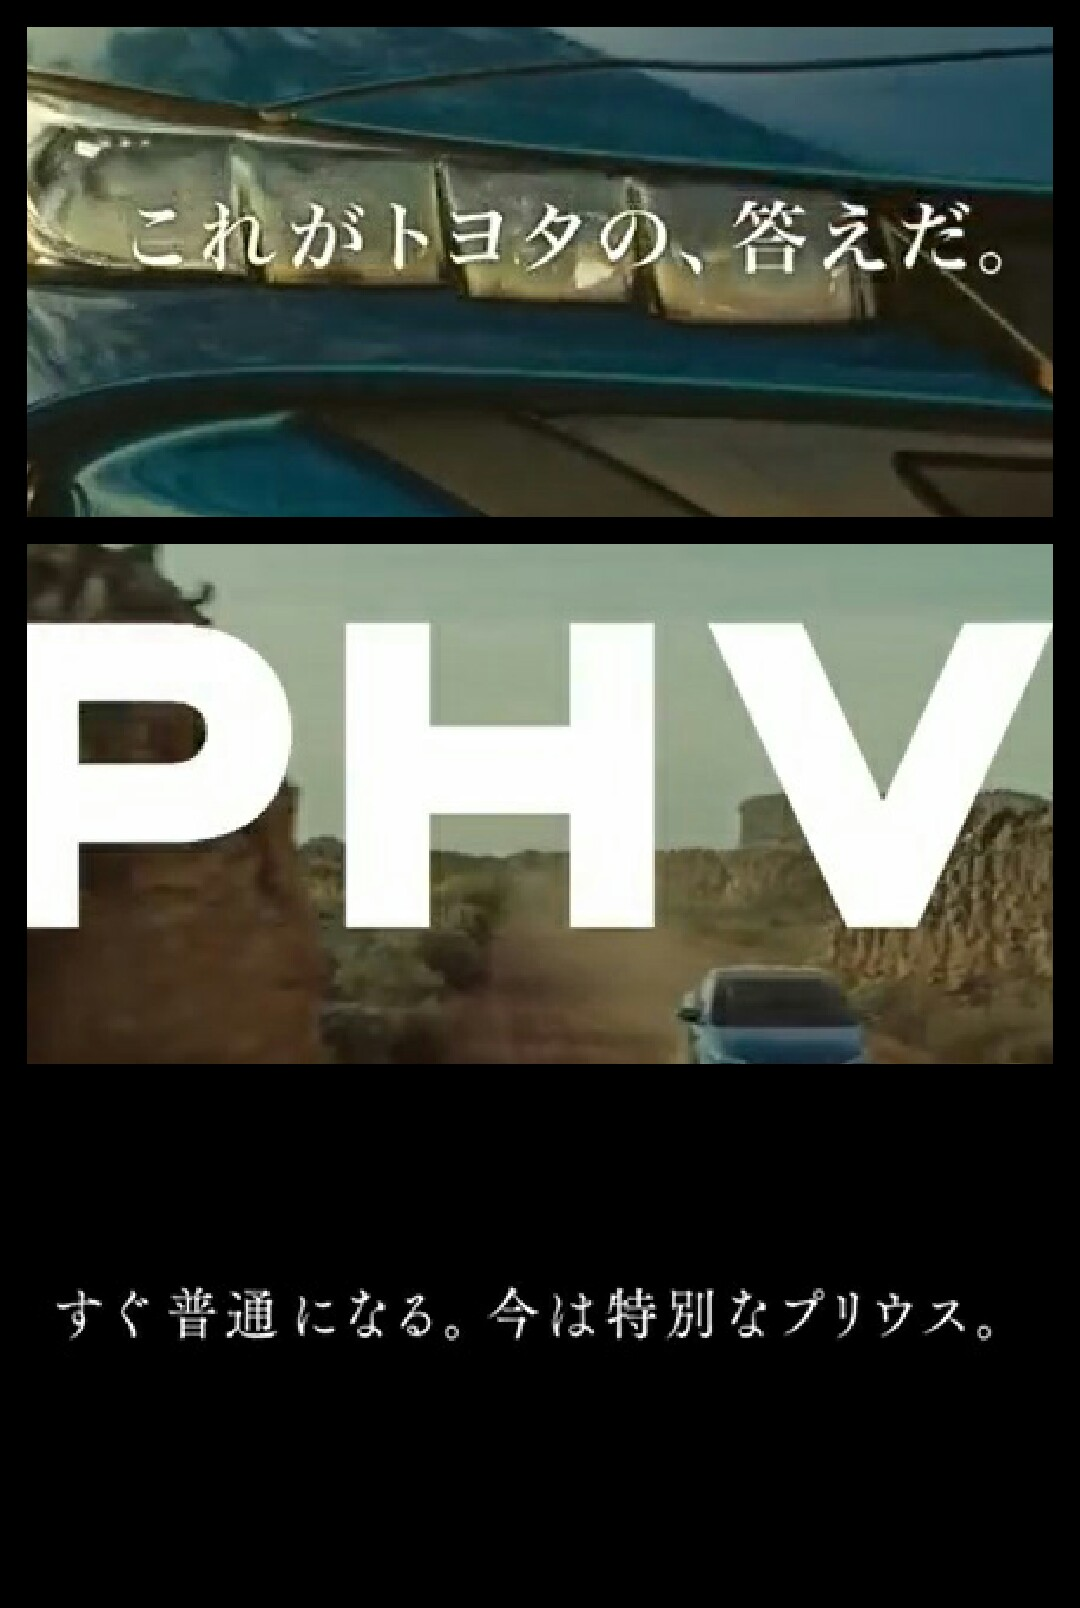 新型プリウスPHV TVCM